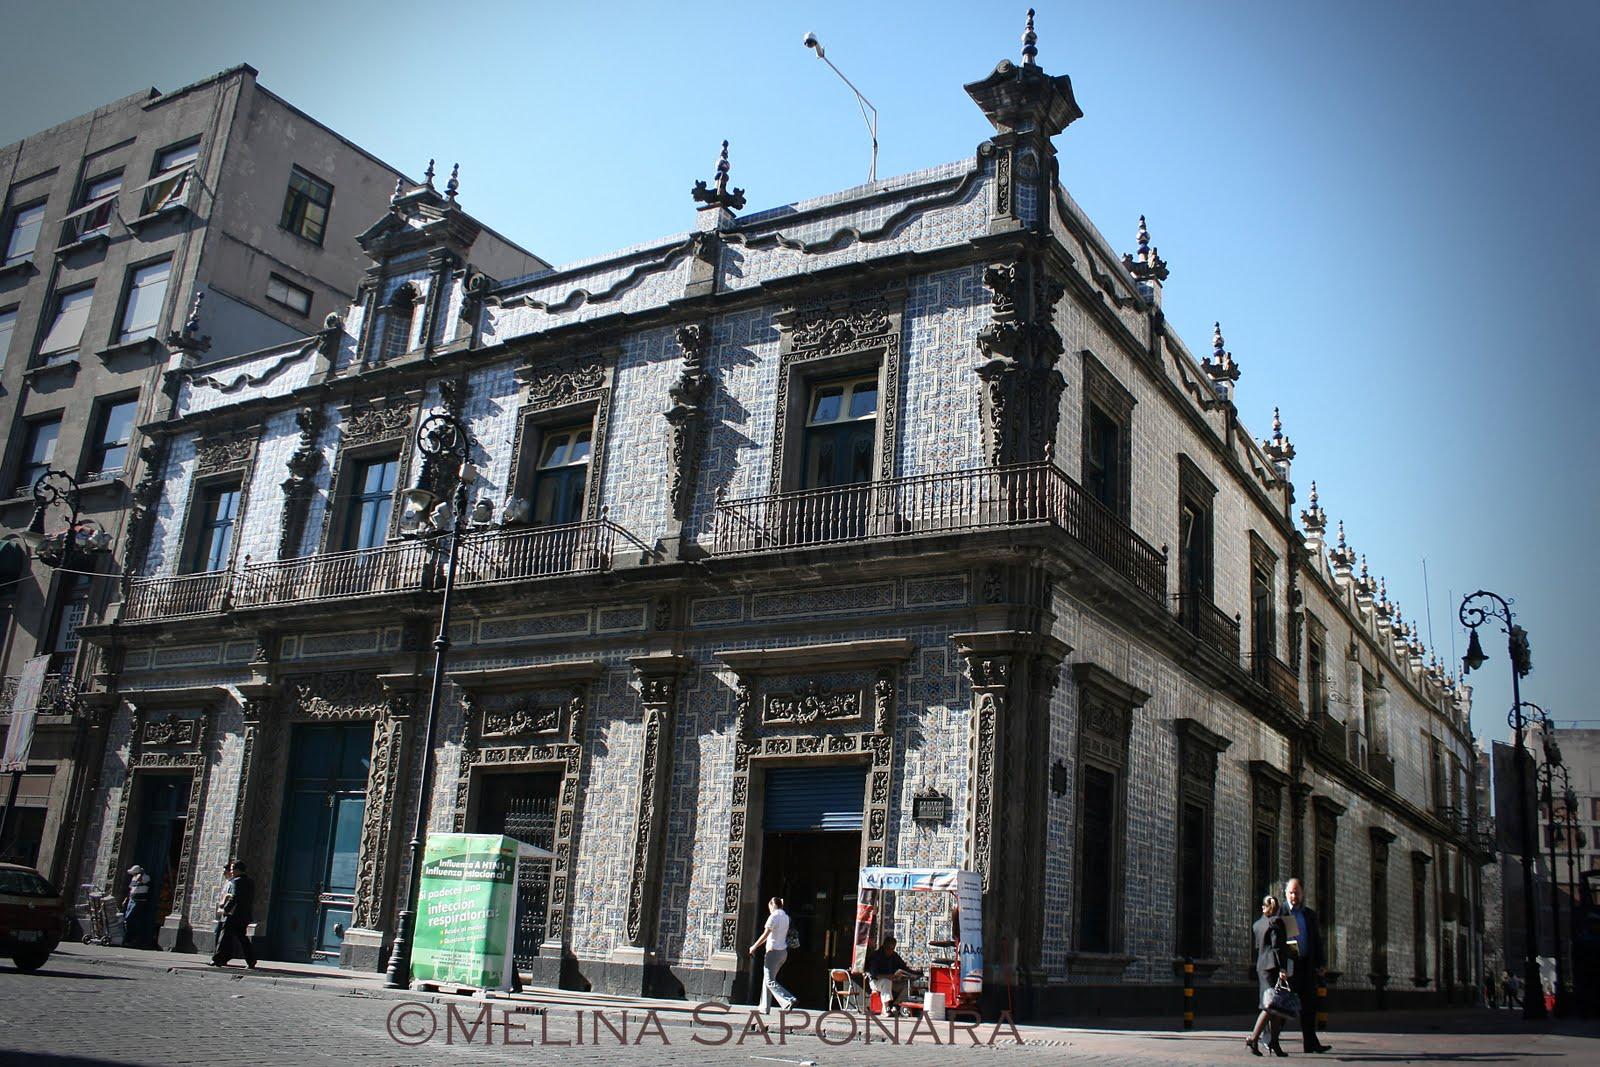 Fotografo aficionado esquina de los azulejos for El sanborns de los azulejos